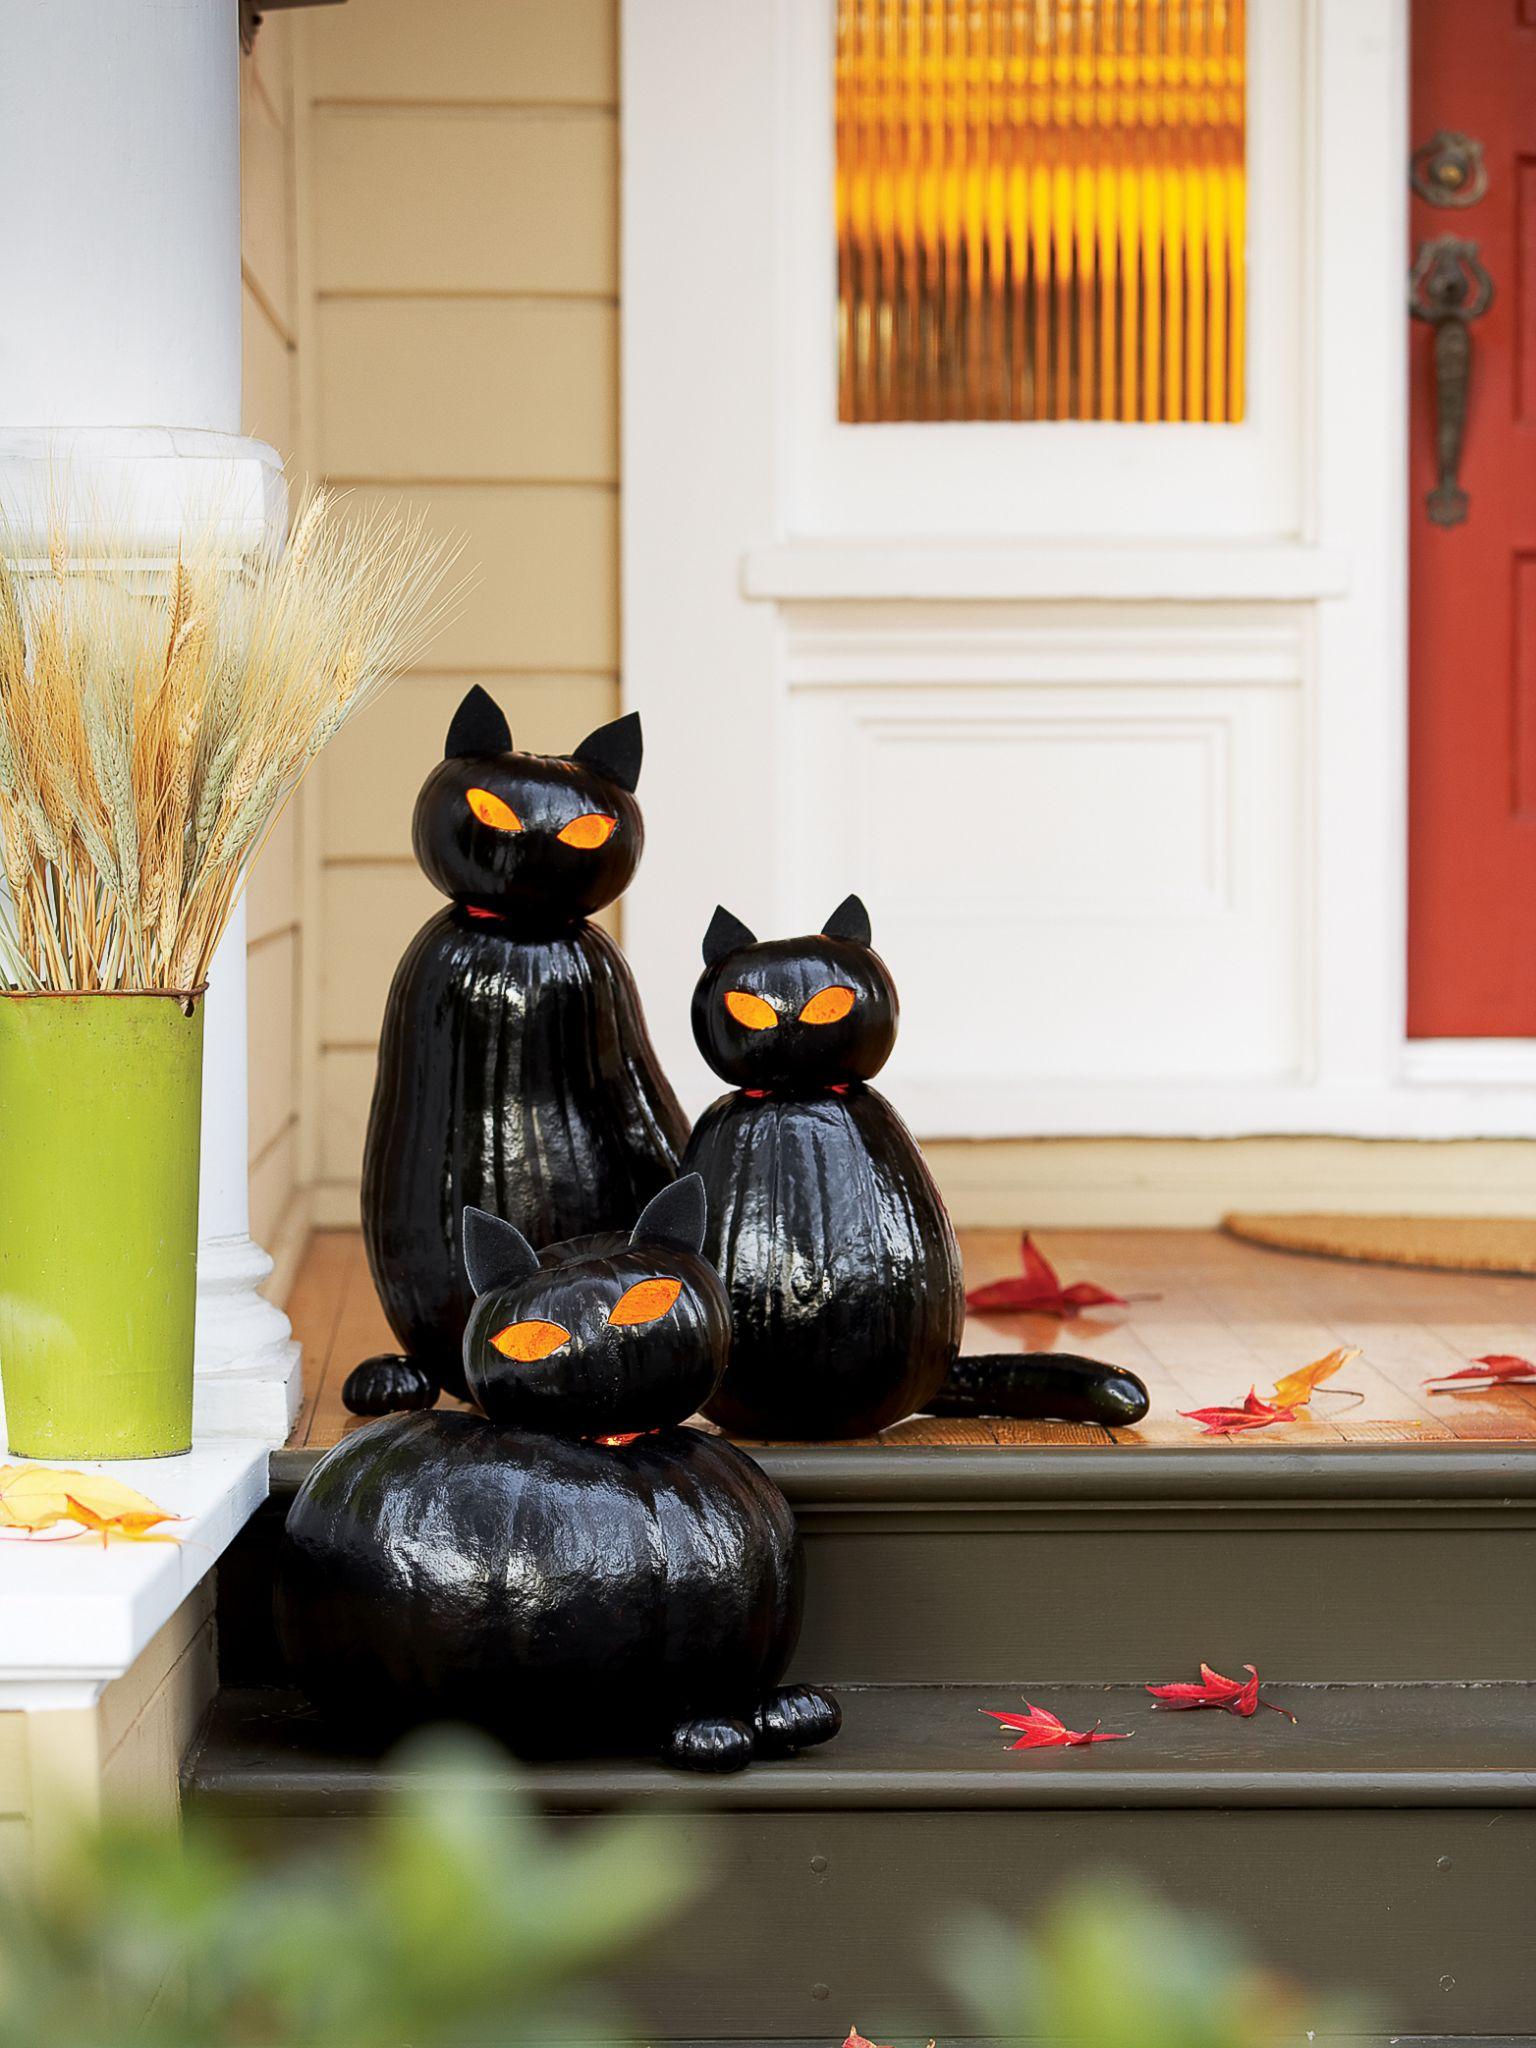 Make Black Cat Pumpkins